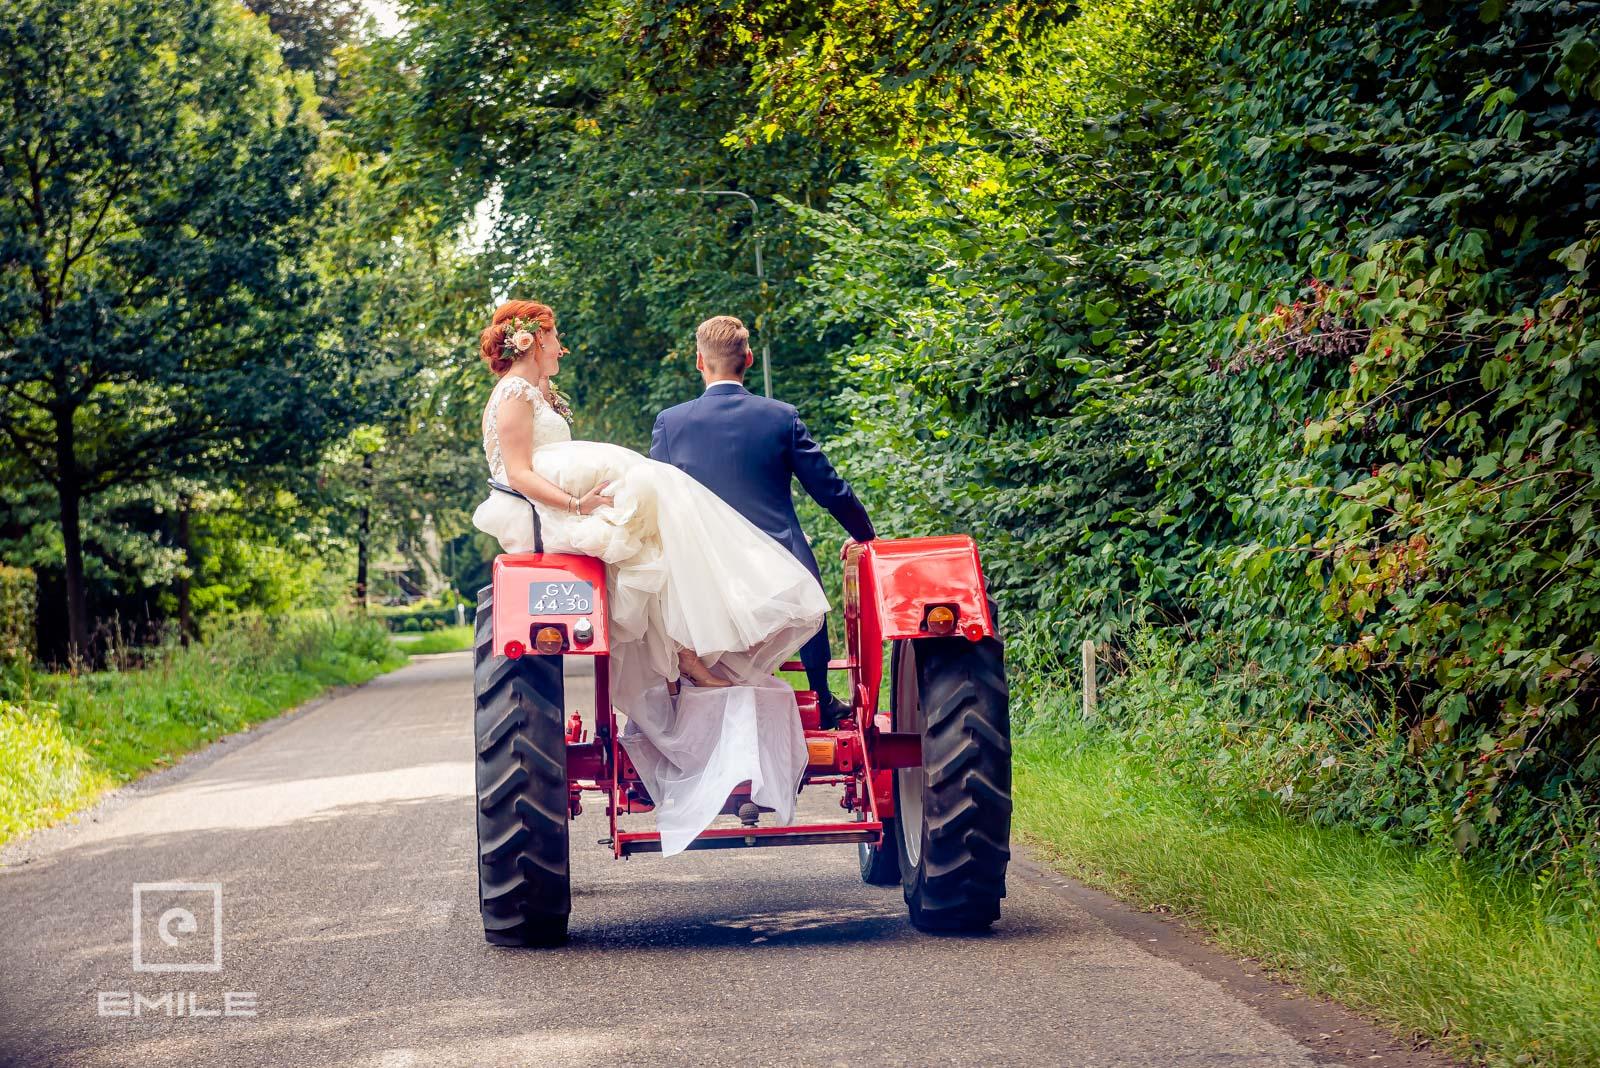 Met de tractor rijdend gaat het bruidspaar naar de kerk